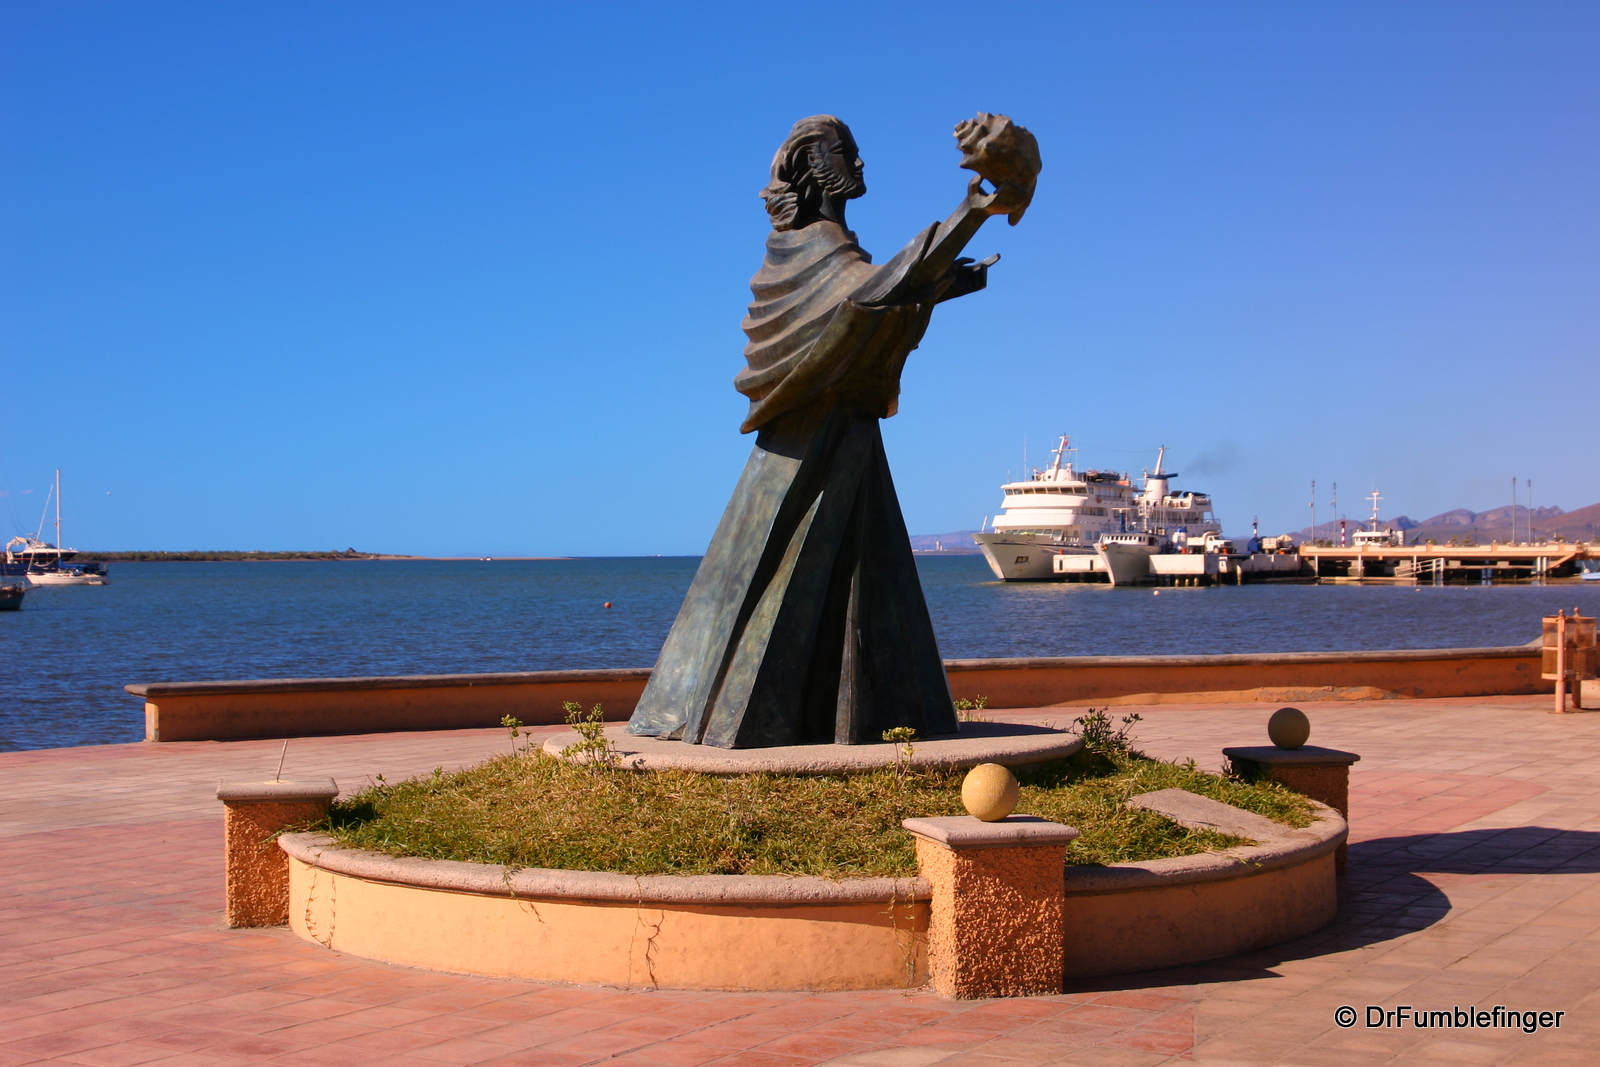 Statue, La Paz harbor and Malecon